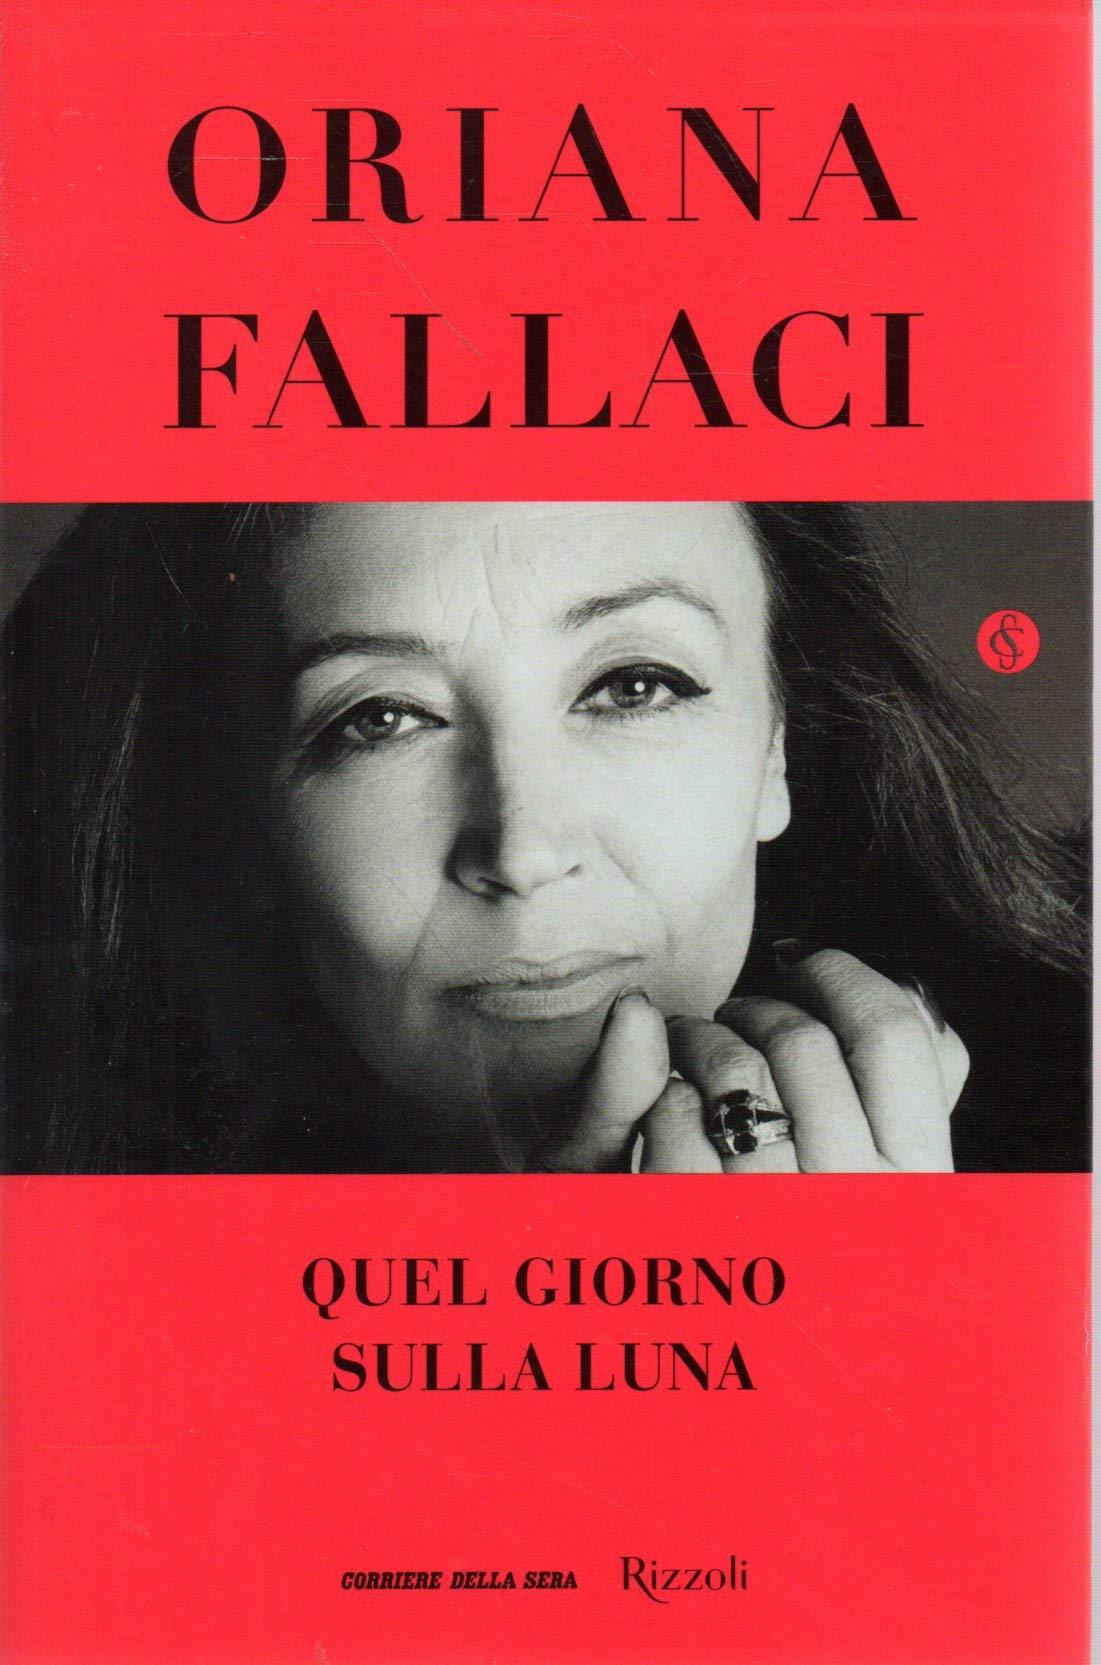 Amazon.it: Quel giorno sulla Luna Oriana Fallaci Corriere della sera 2019 - Oriana  Fallaci - Libri